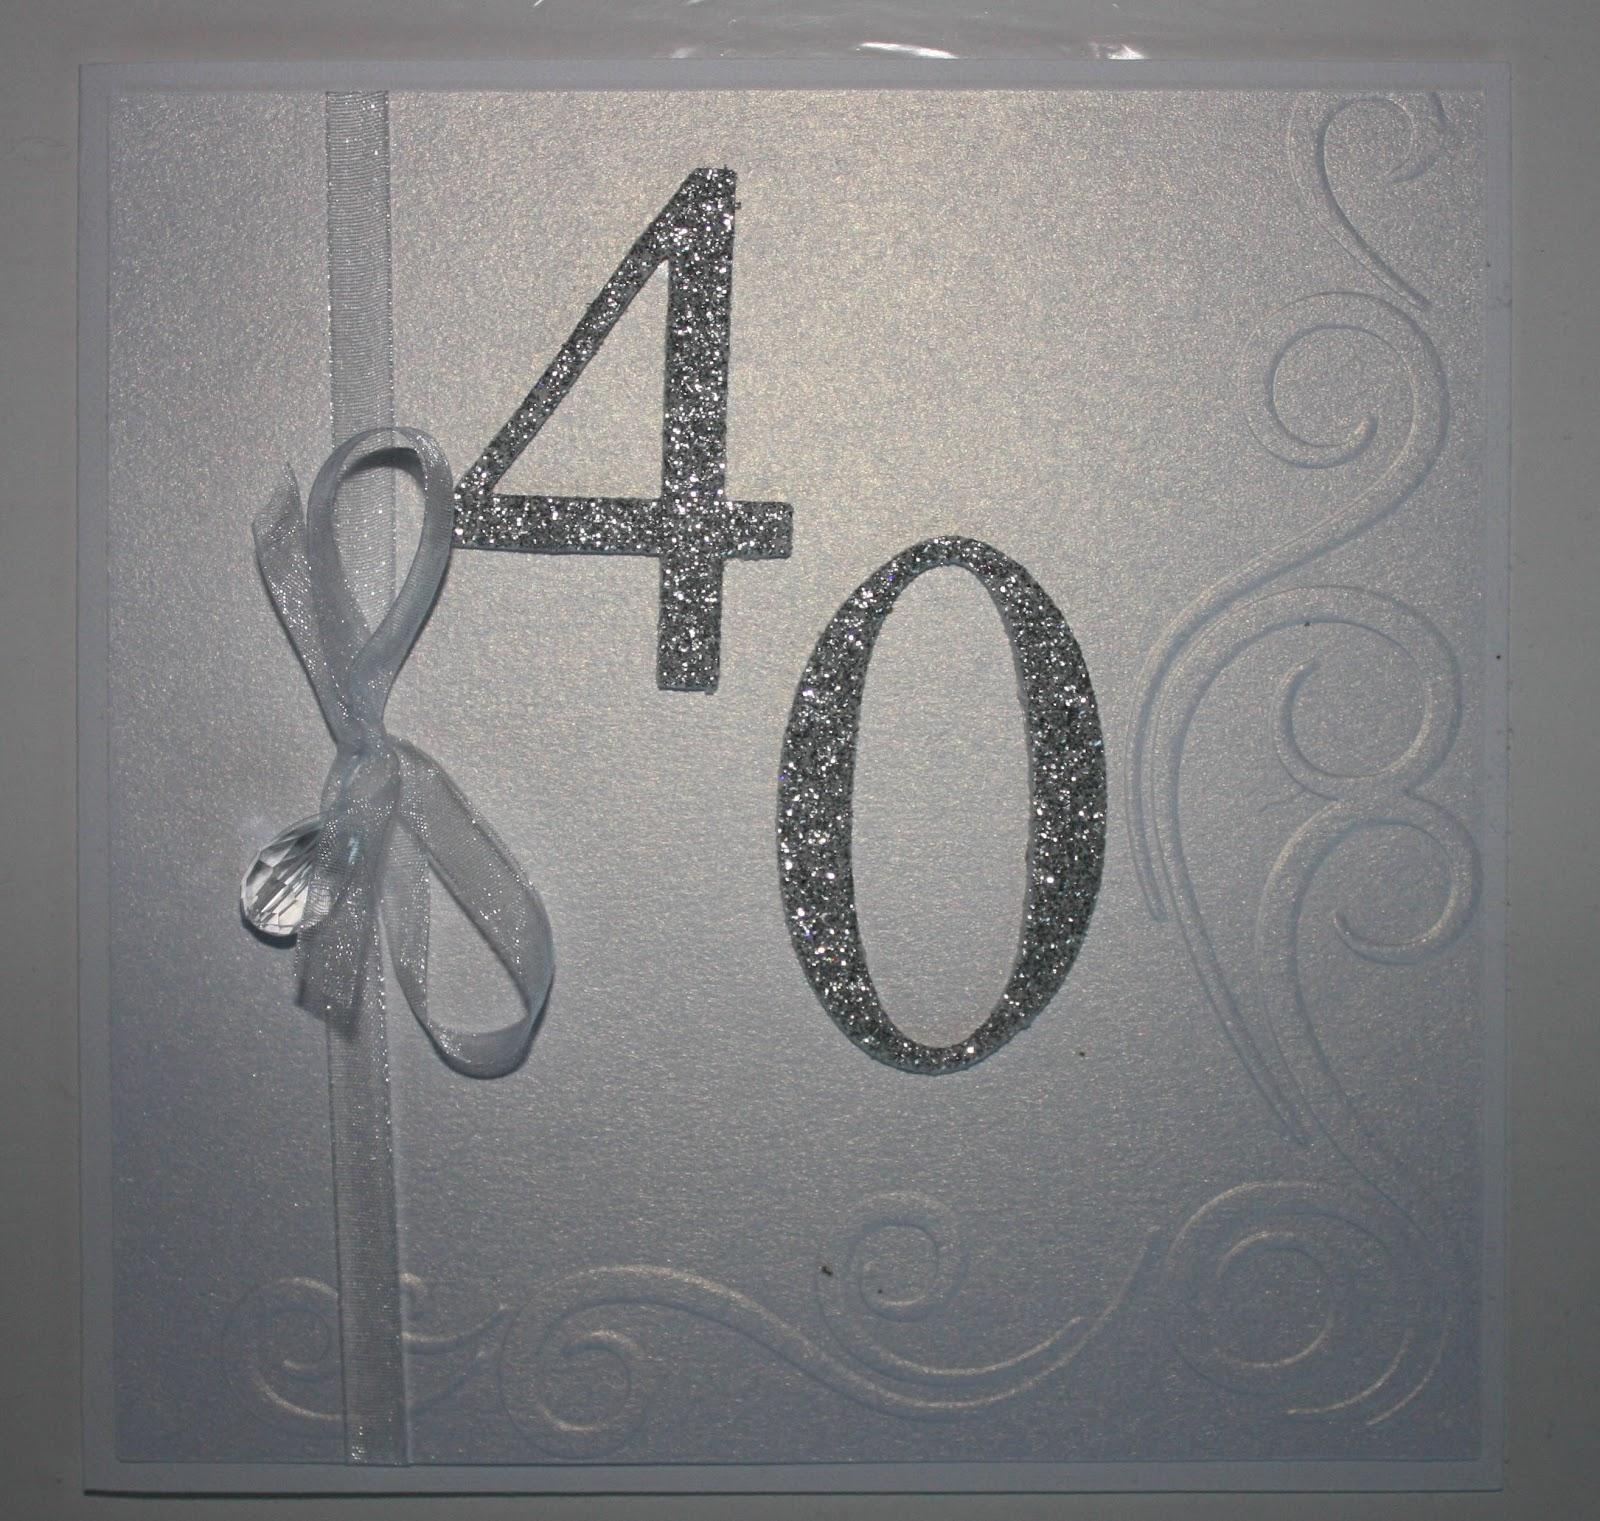 födelsedagskort 40 år Pyssel och Kort: 40 års inbjudan födelsedagskort 40 år